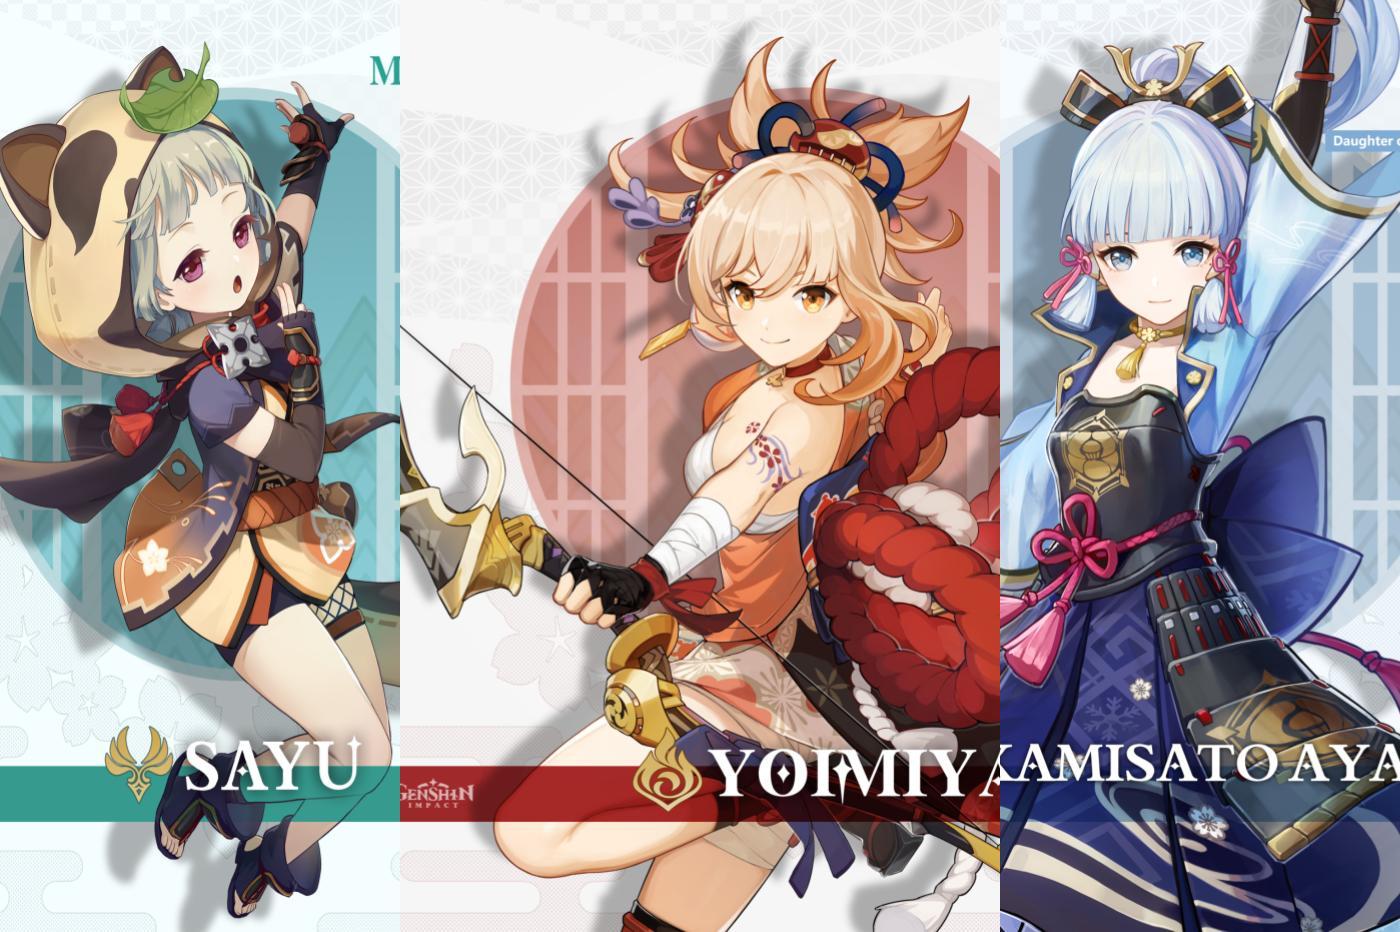 Nouveaux personnages de Genshin Impact